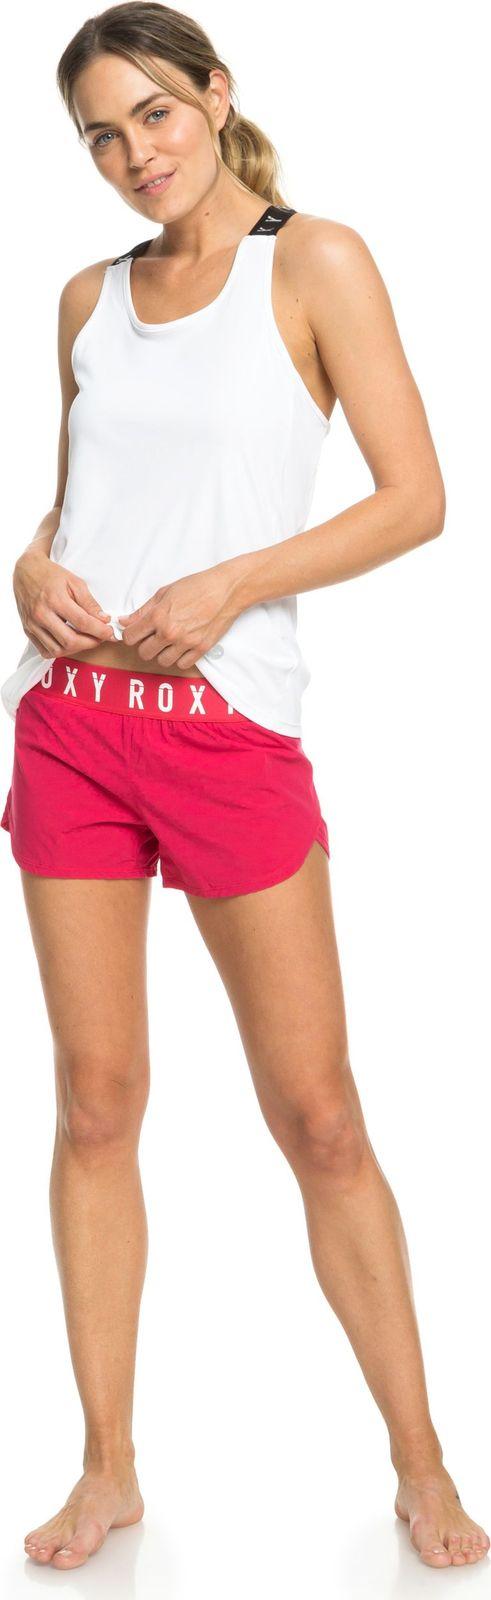 Шорты женские Roxy Sunny Tracks Short, цвет: лососевый, молочный. ERJNS03191-MPT0. Размер L (46)ERJNS03191-MPT0